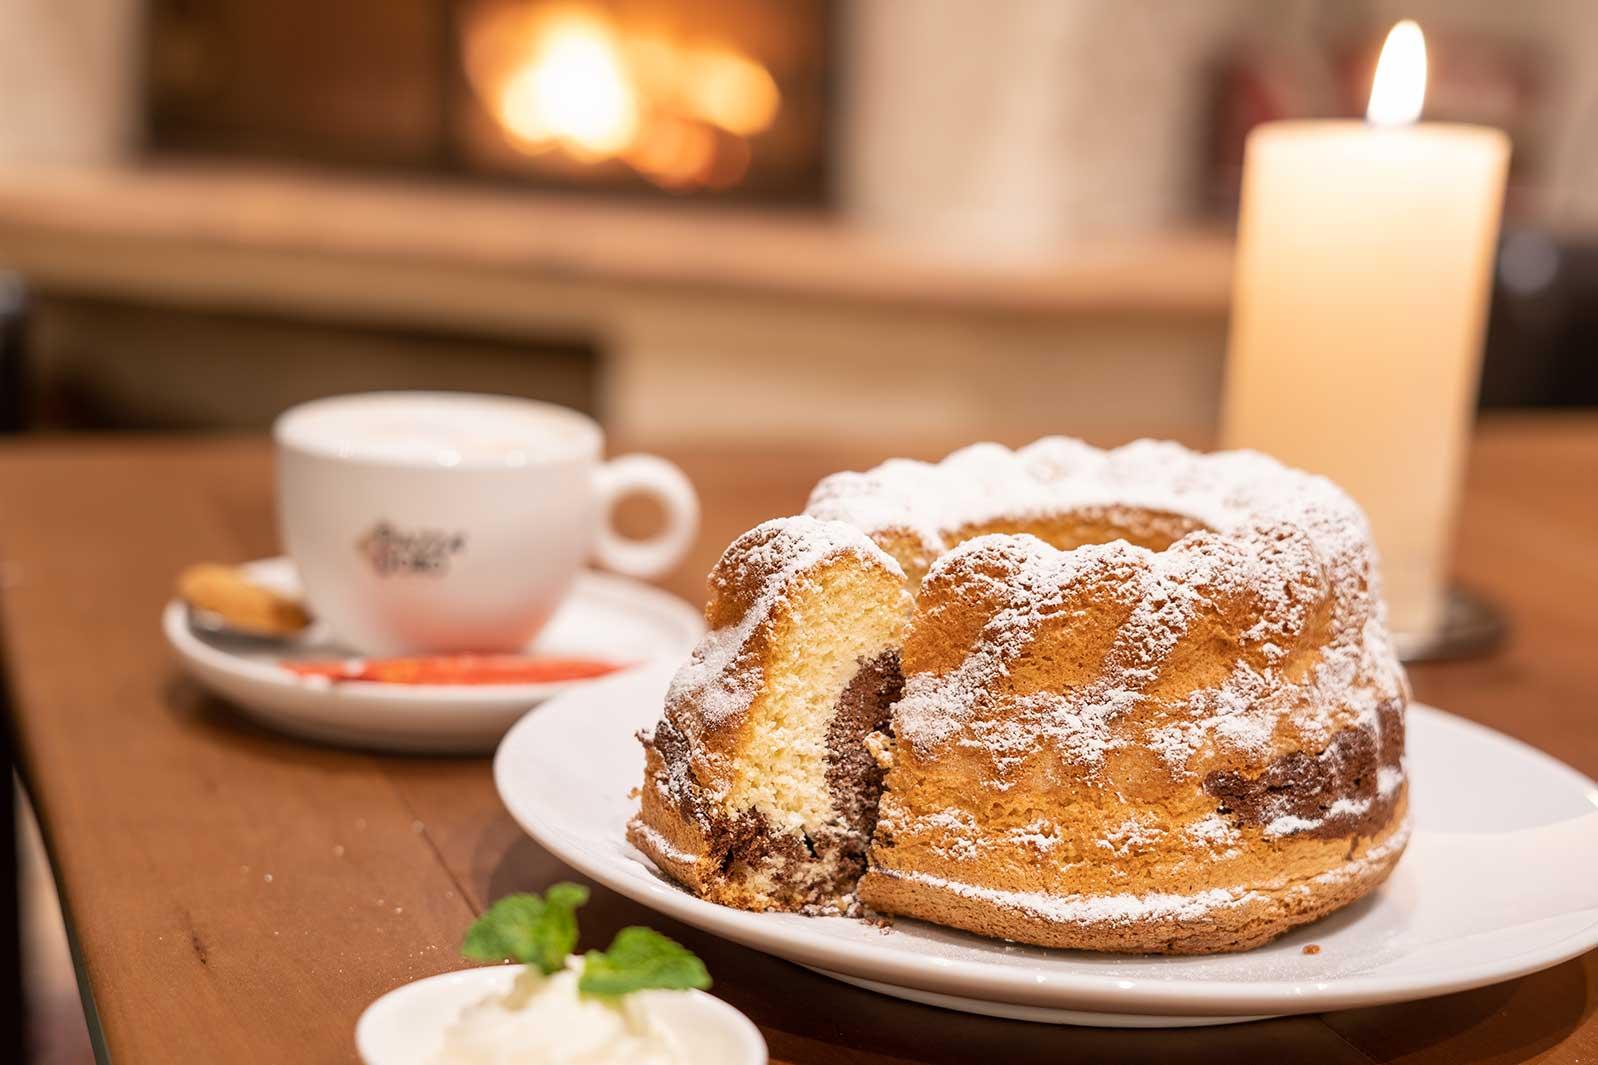 Essen wie in Obertauern: Marmorgugelhupf selber backen. Das Fünf-Sterne-Hotel Das Seekarhaus hat sein Rezept verraten.